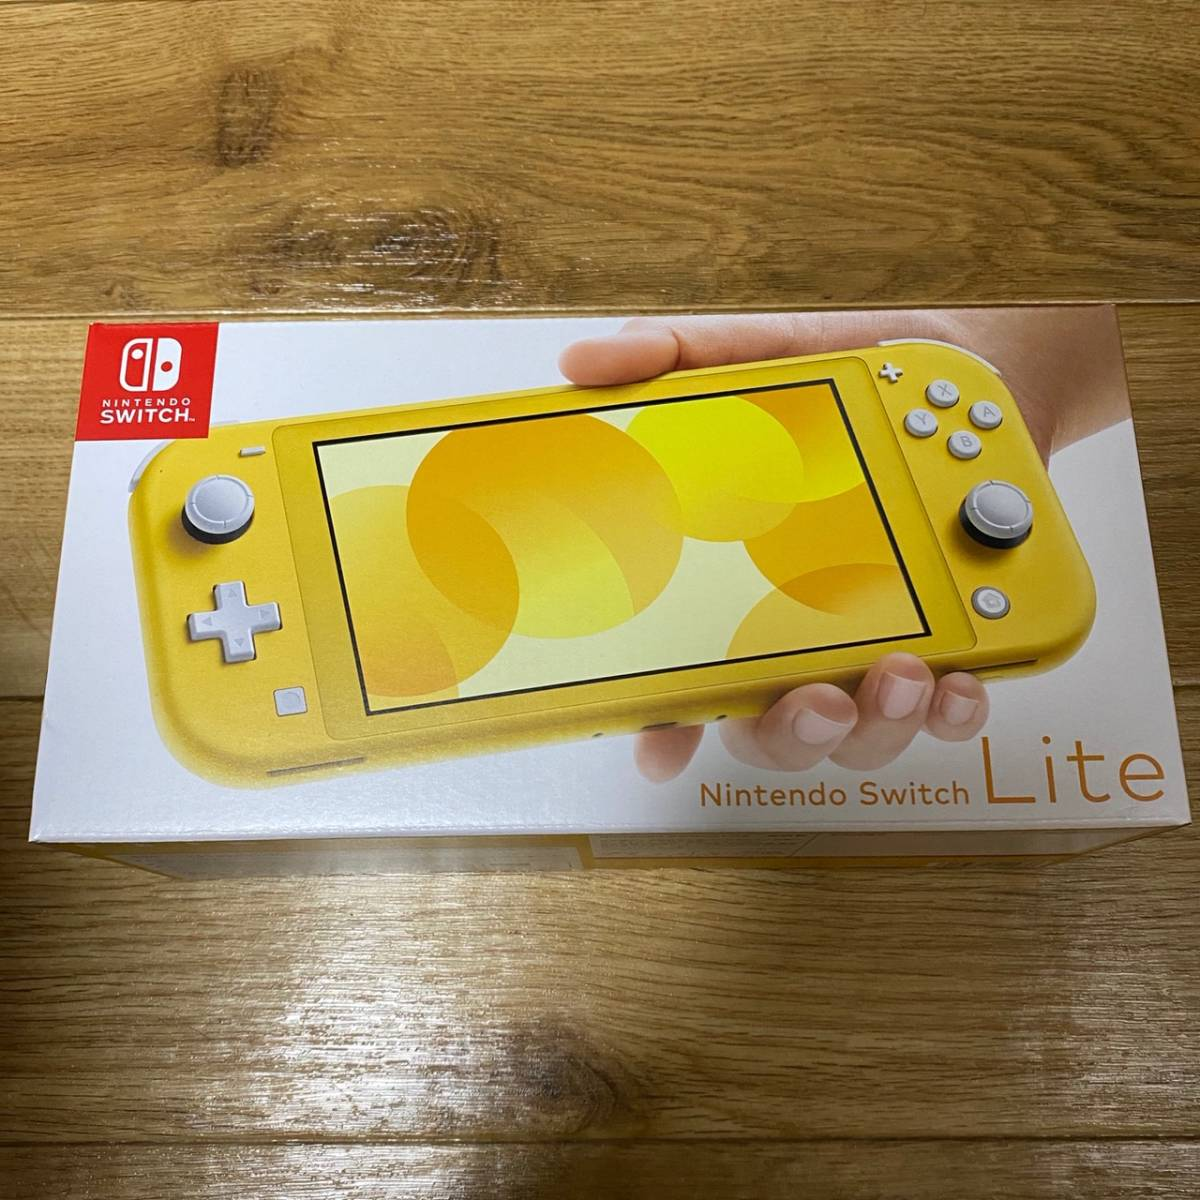 [送料無料]Nintendo Switch lite Yellow / ニンテンドー スイッチ ライト イエロー[即日発送]